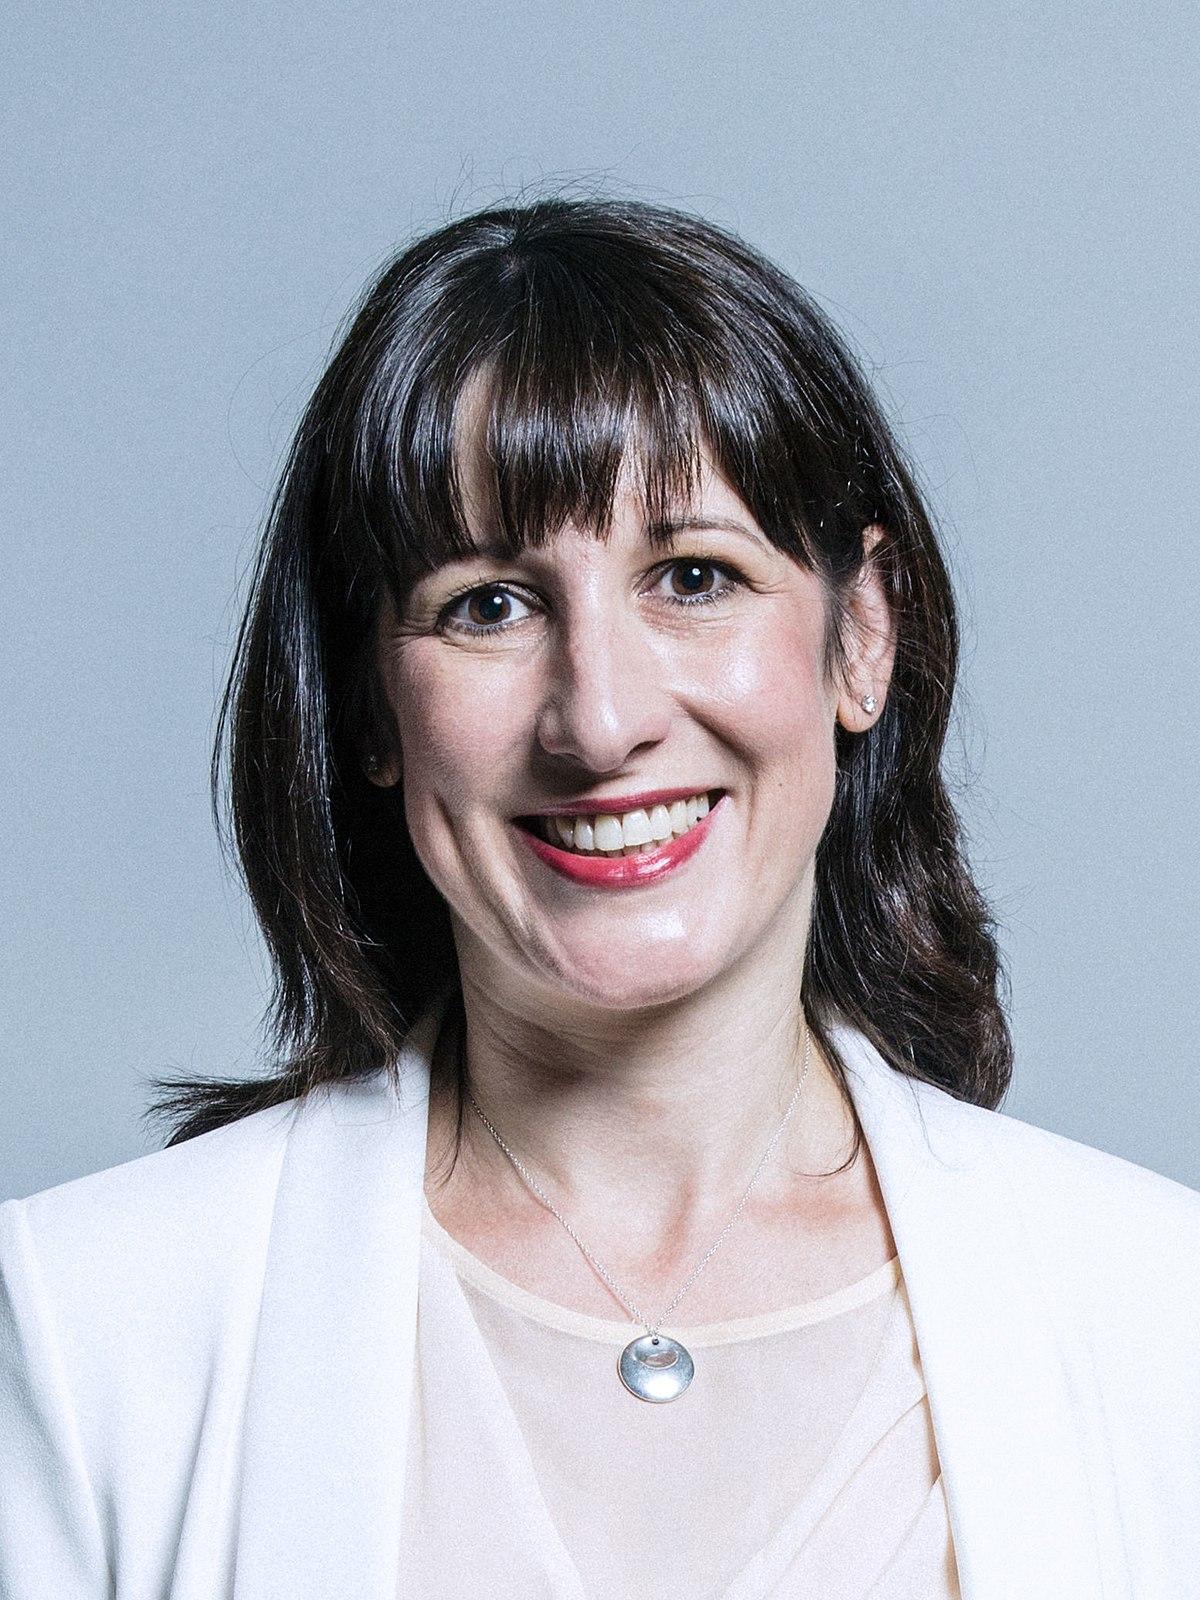 Rachel Reeves - Wikipedia